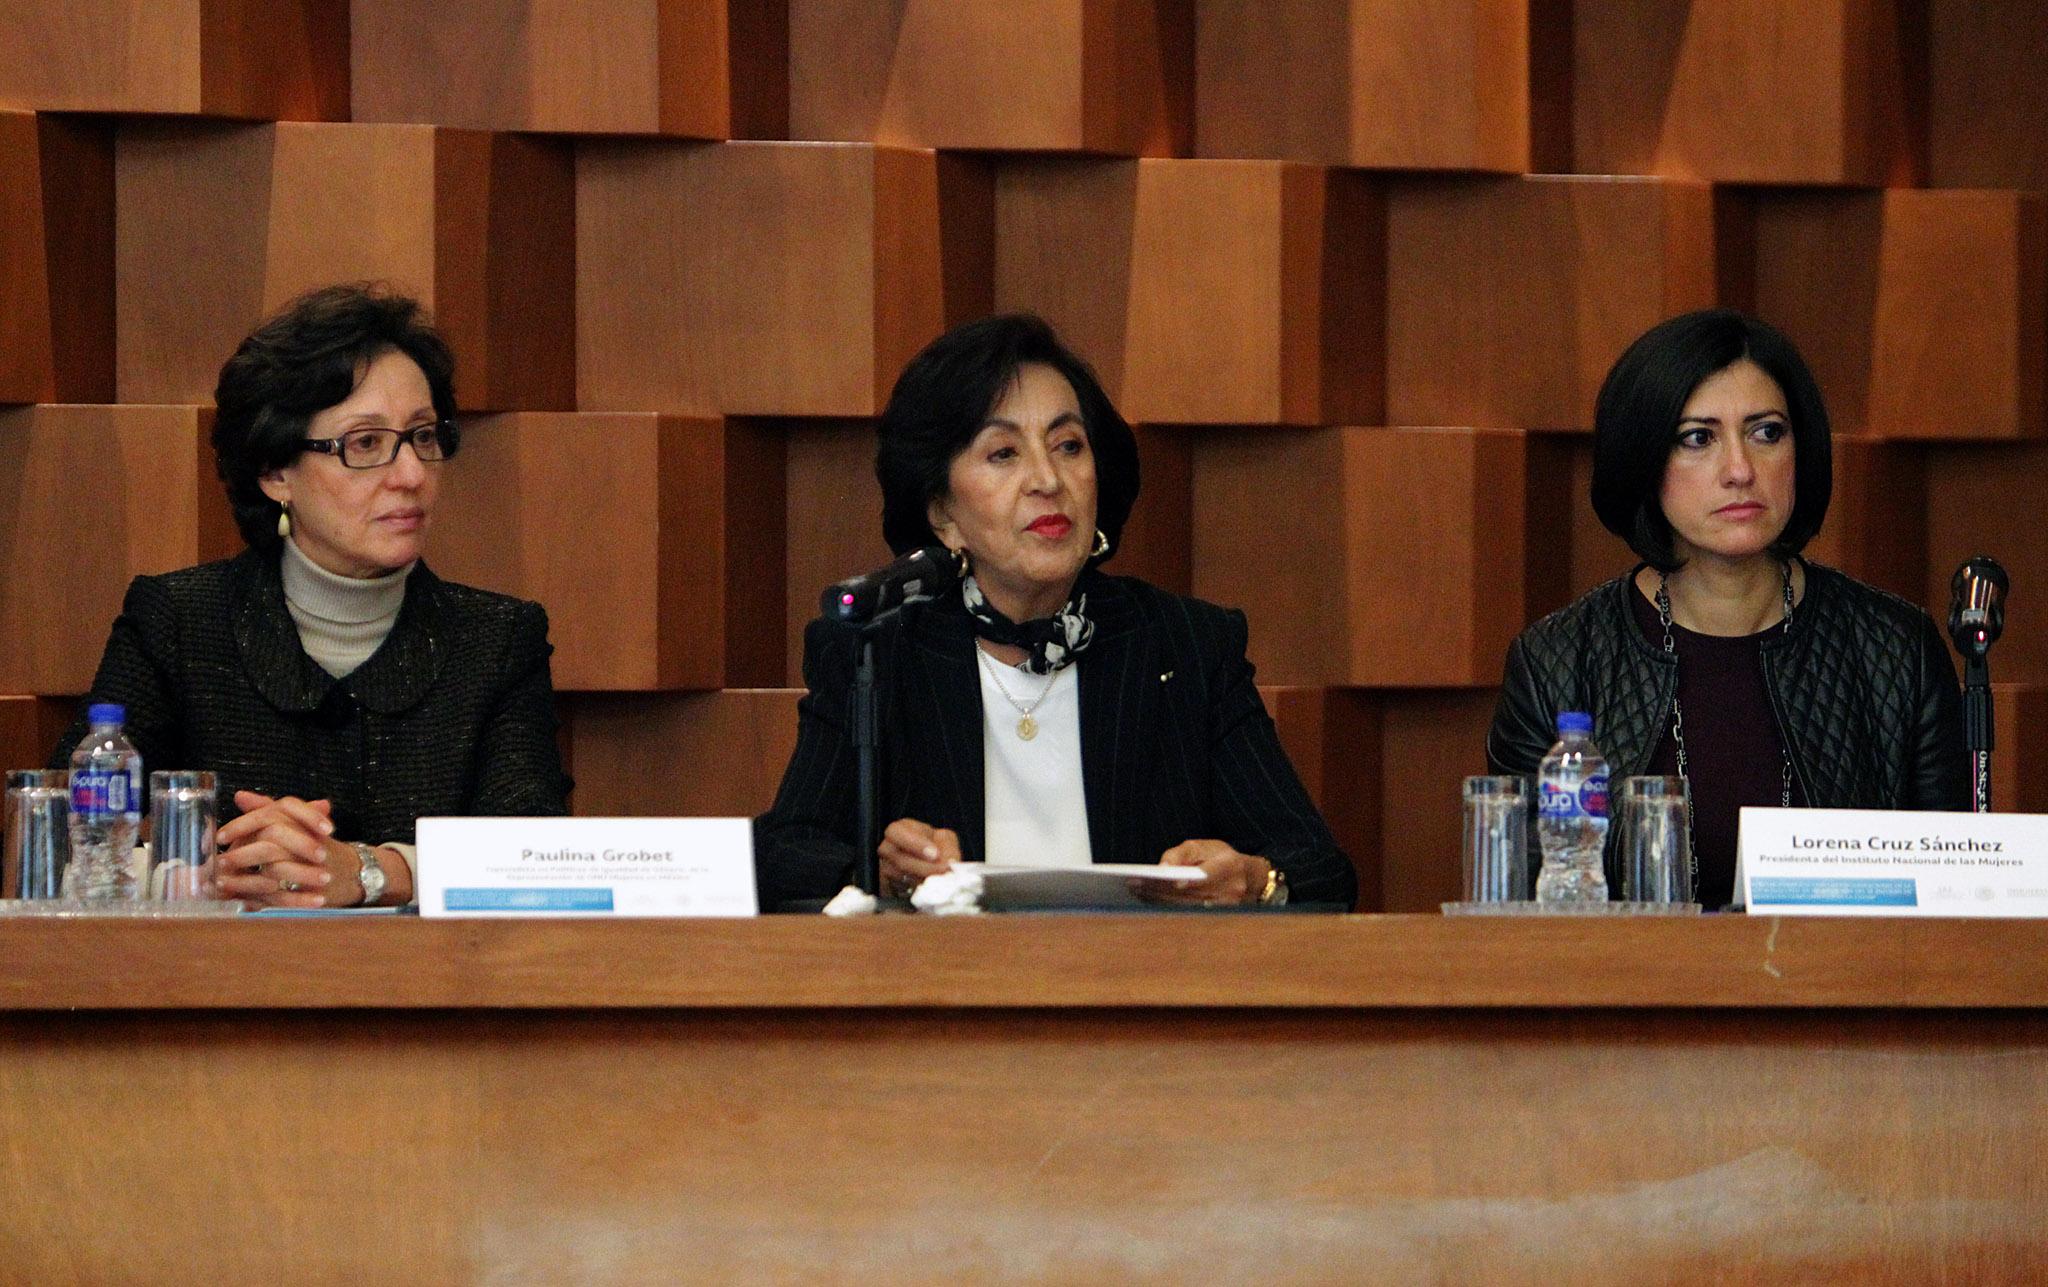 FOTO 2 Foro de Consulta con Organizaciones de la Sociedad Civil en materia de igualdad de g nerojpg